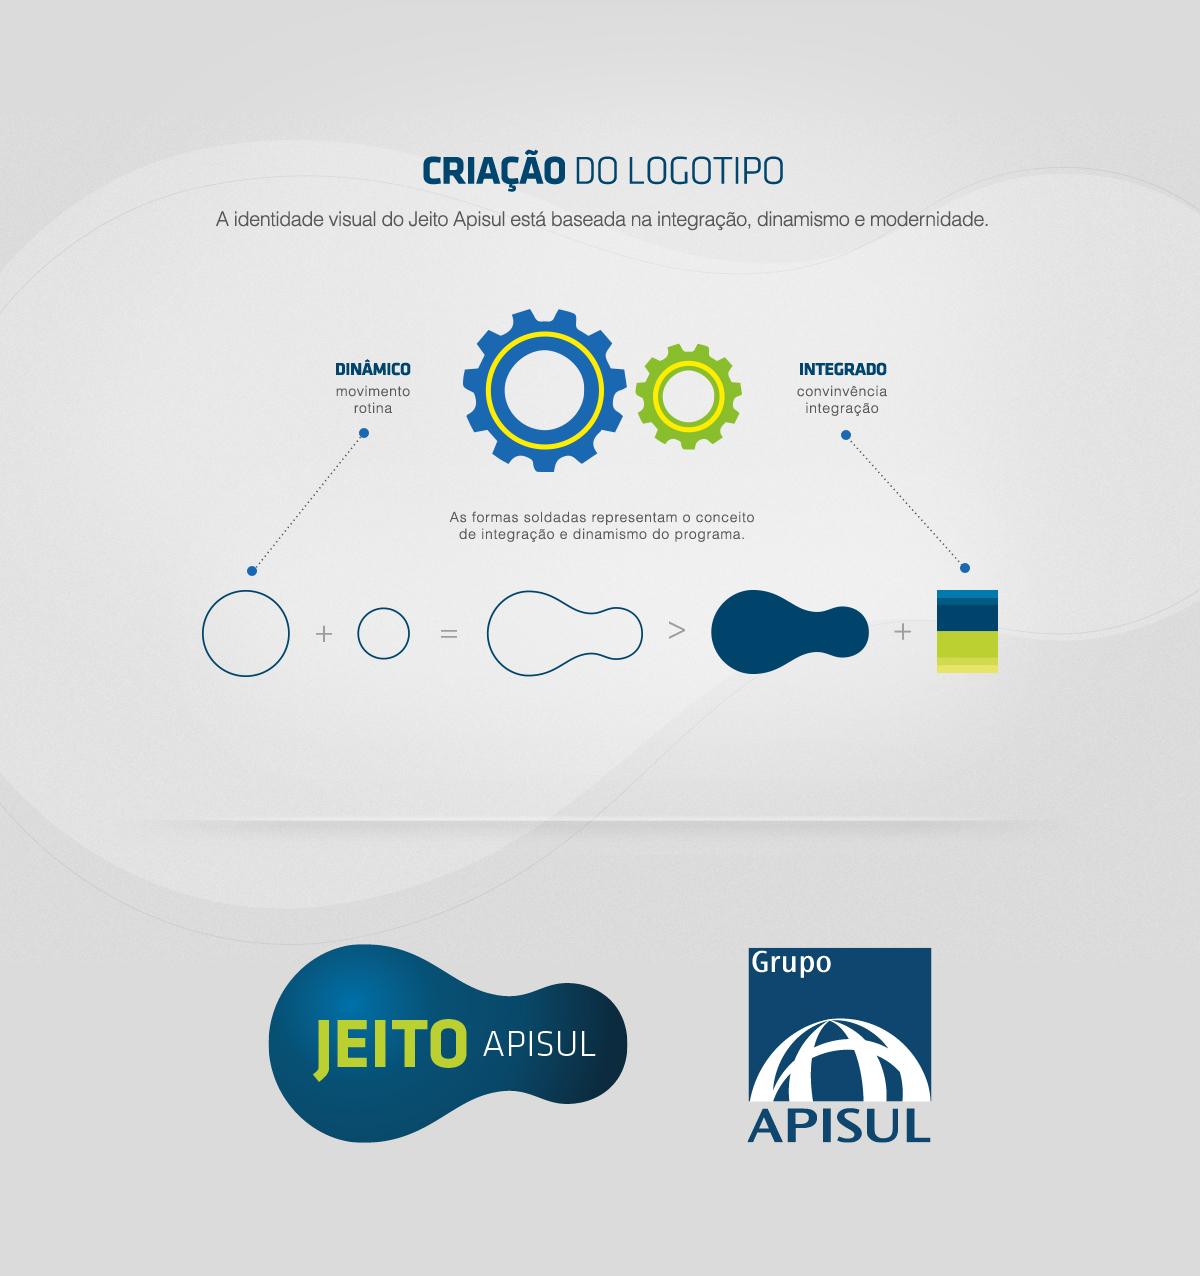 endomarketing criacao logotipo apisul programa agencia marketing design propaganda publidade toyz